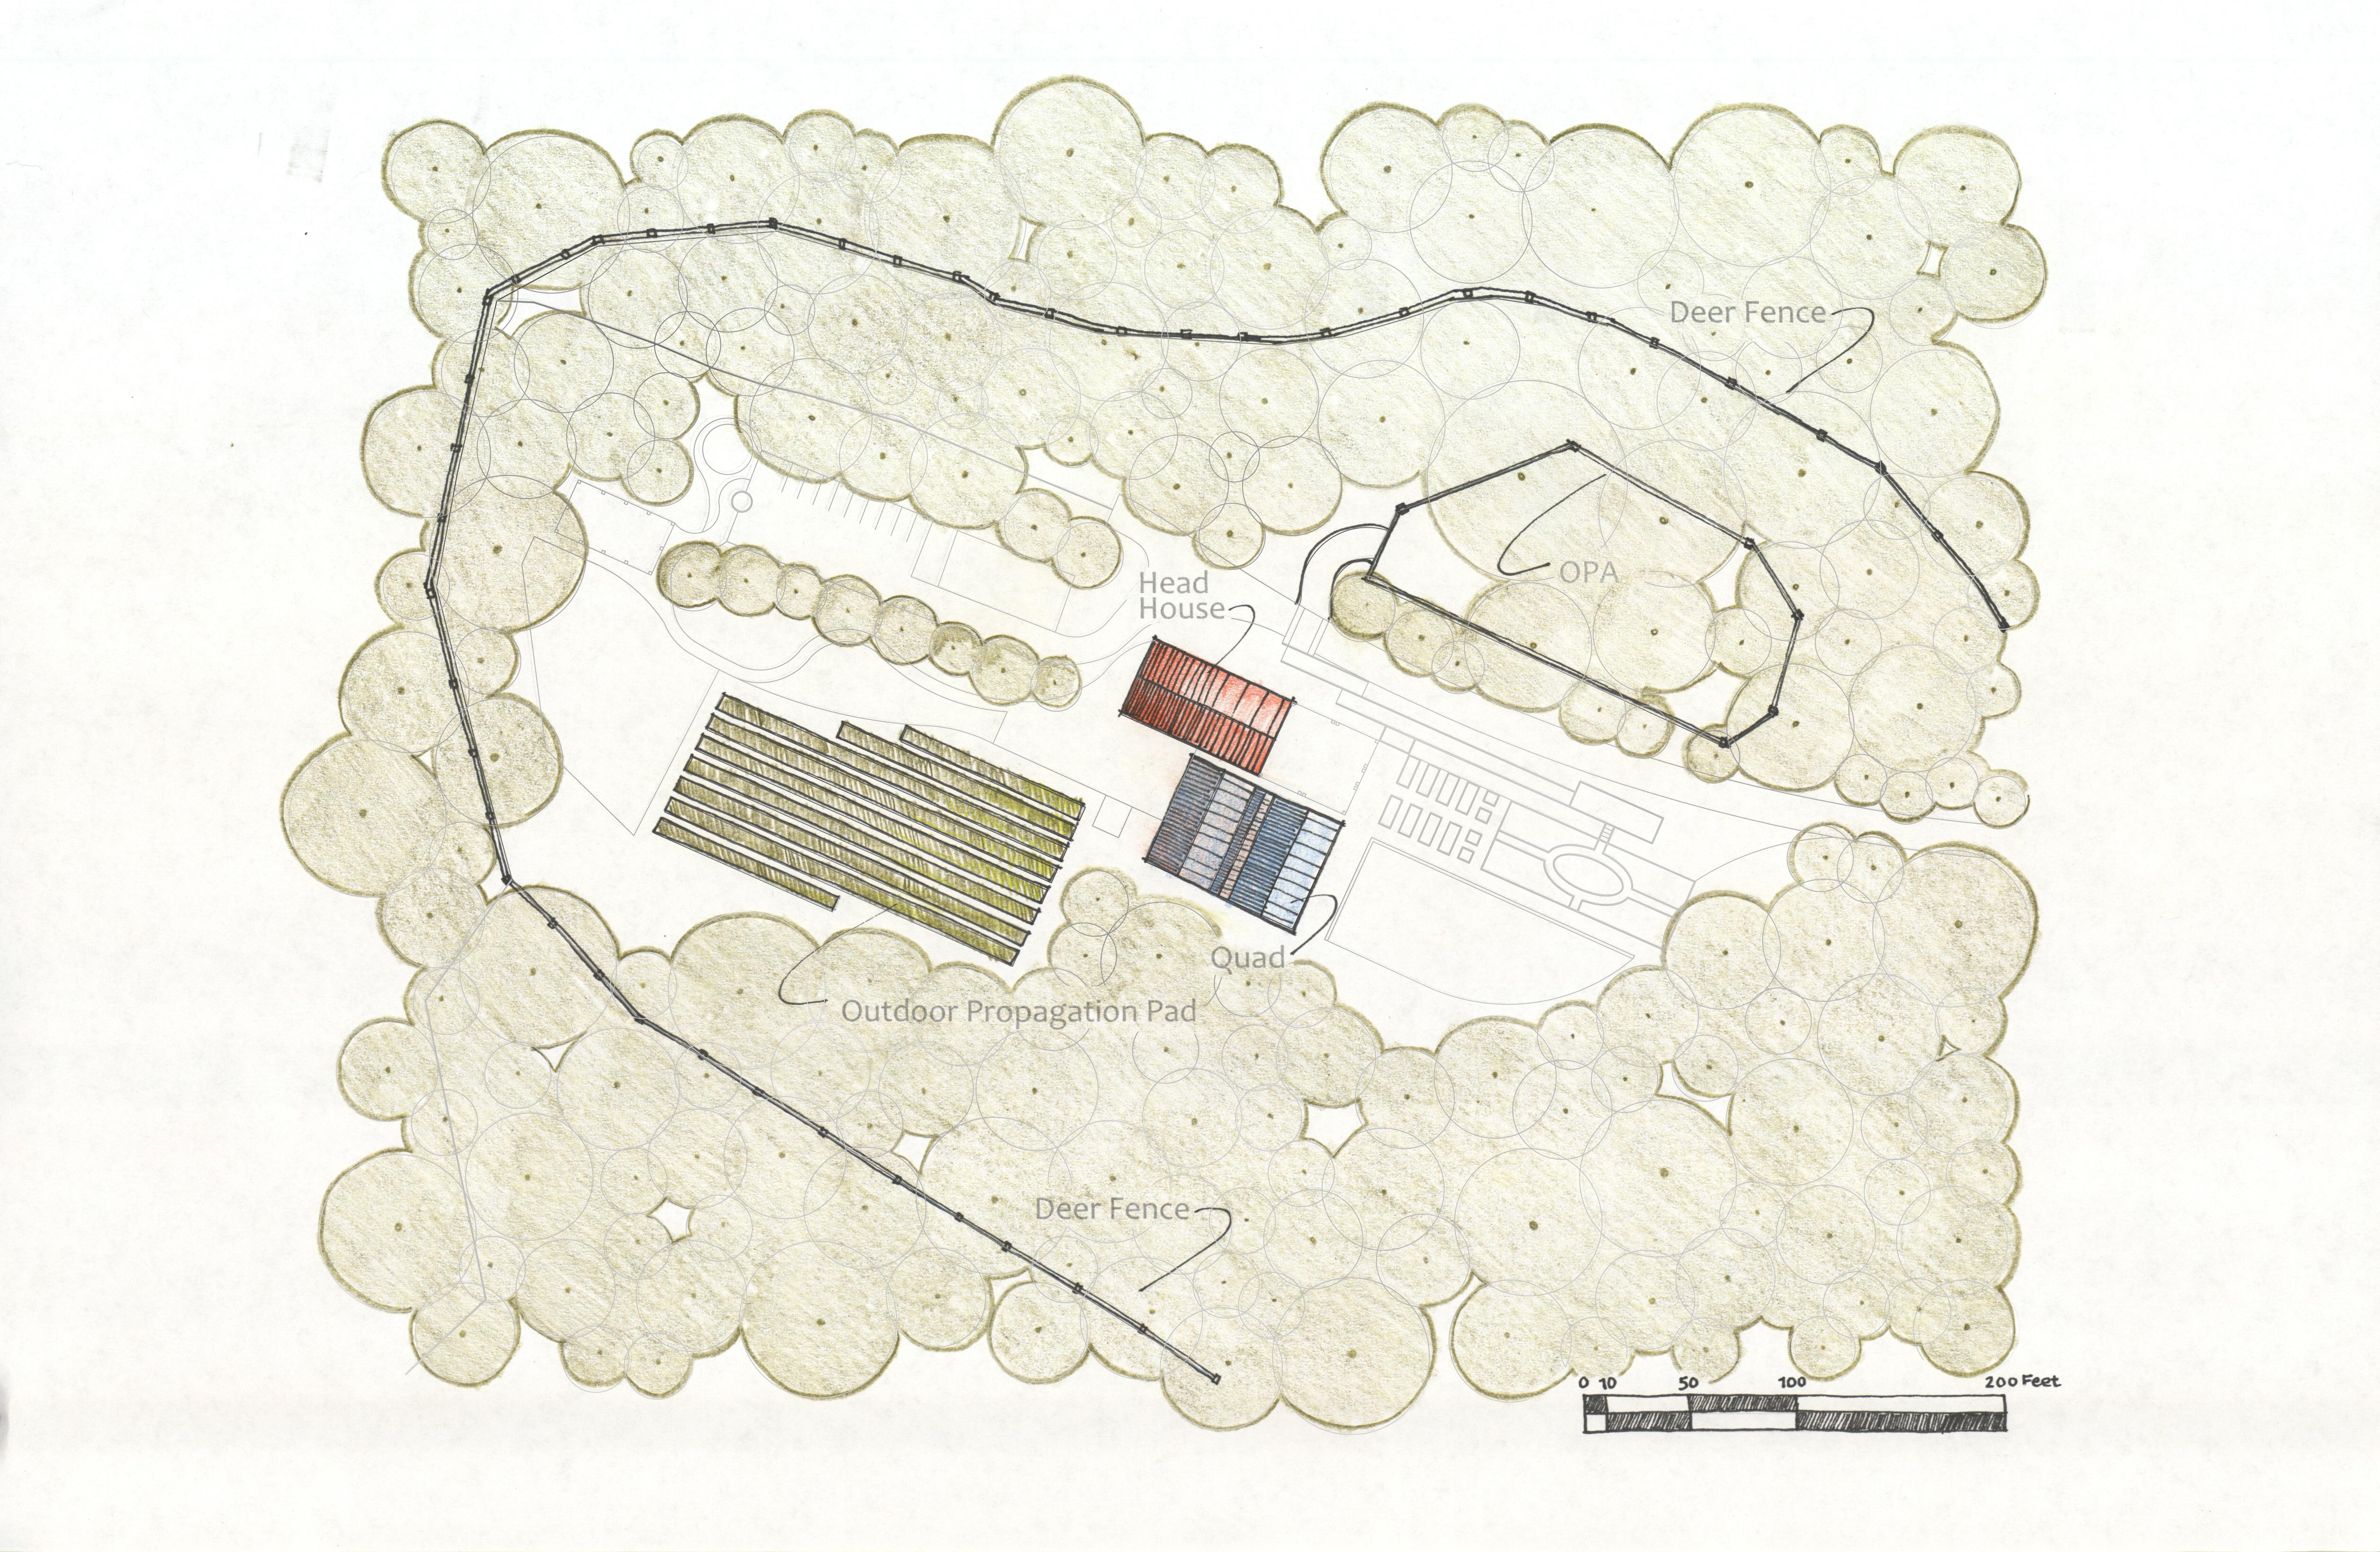 State Botanical Garden Of Georgia Map.State Botanical Garden Of Georgia Head House Renovation